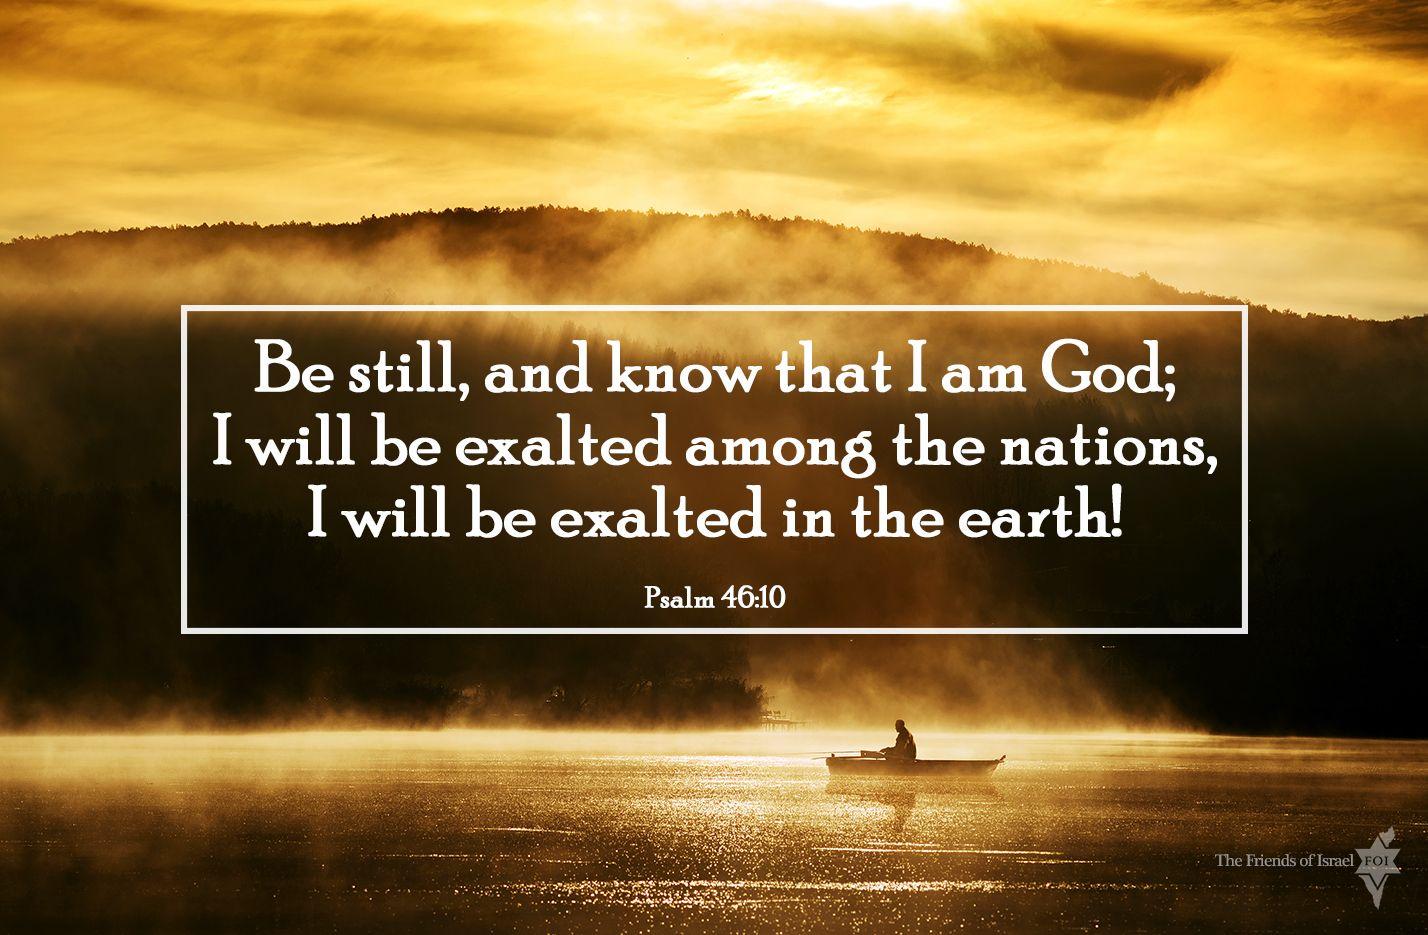 Be still. #Israel #Inspirational